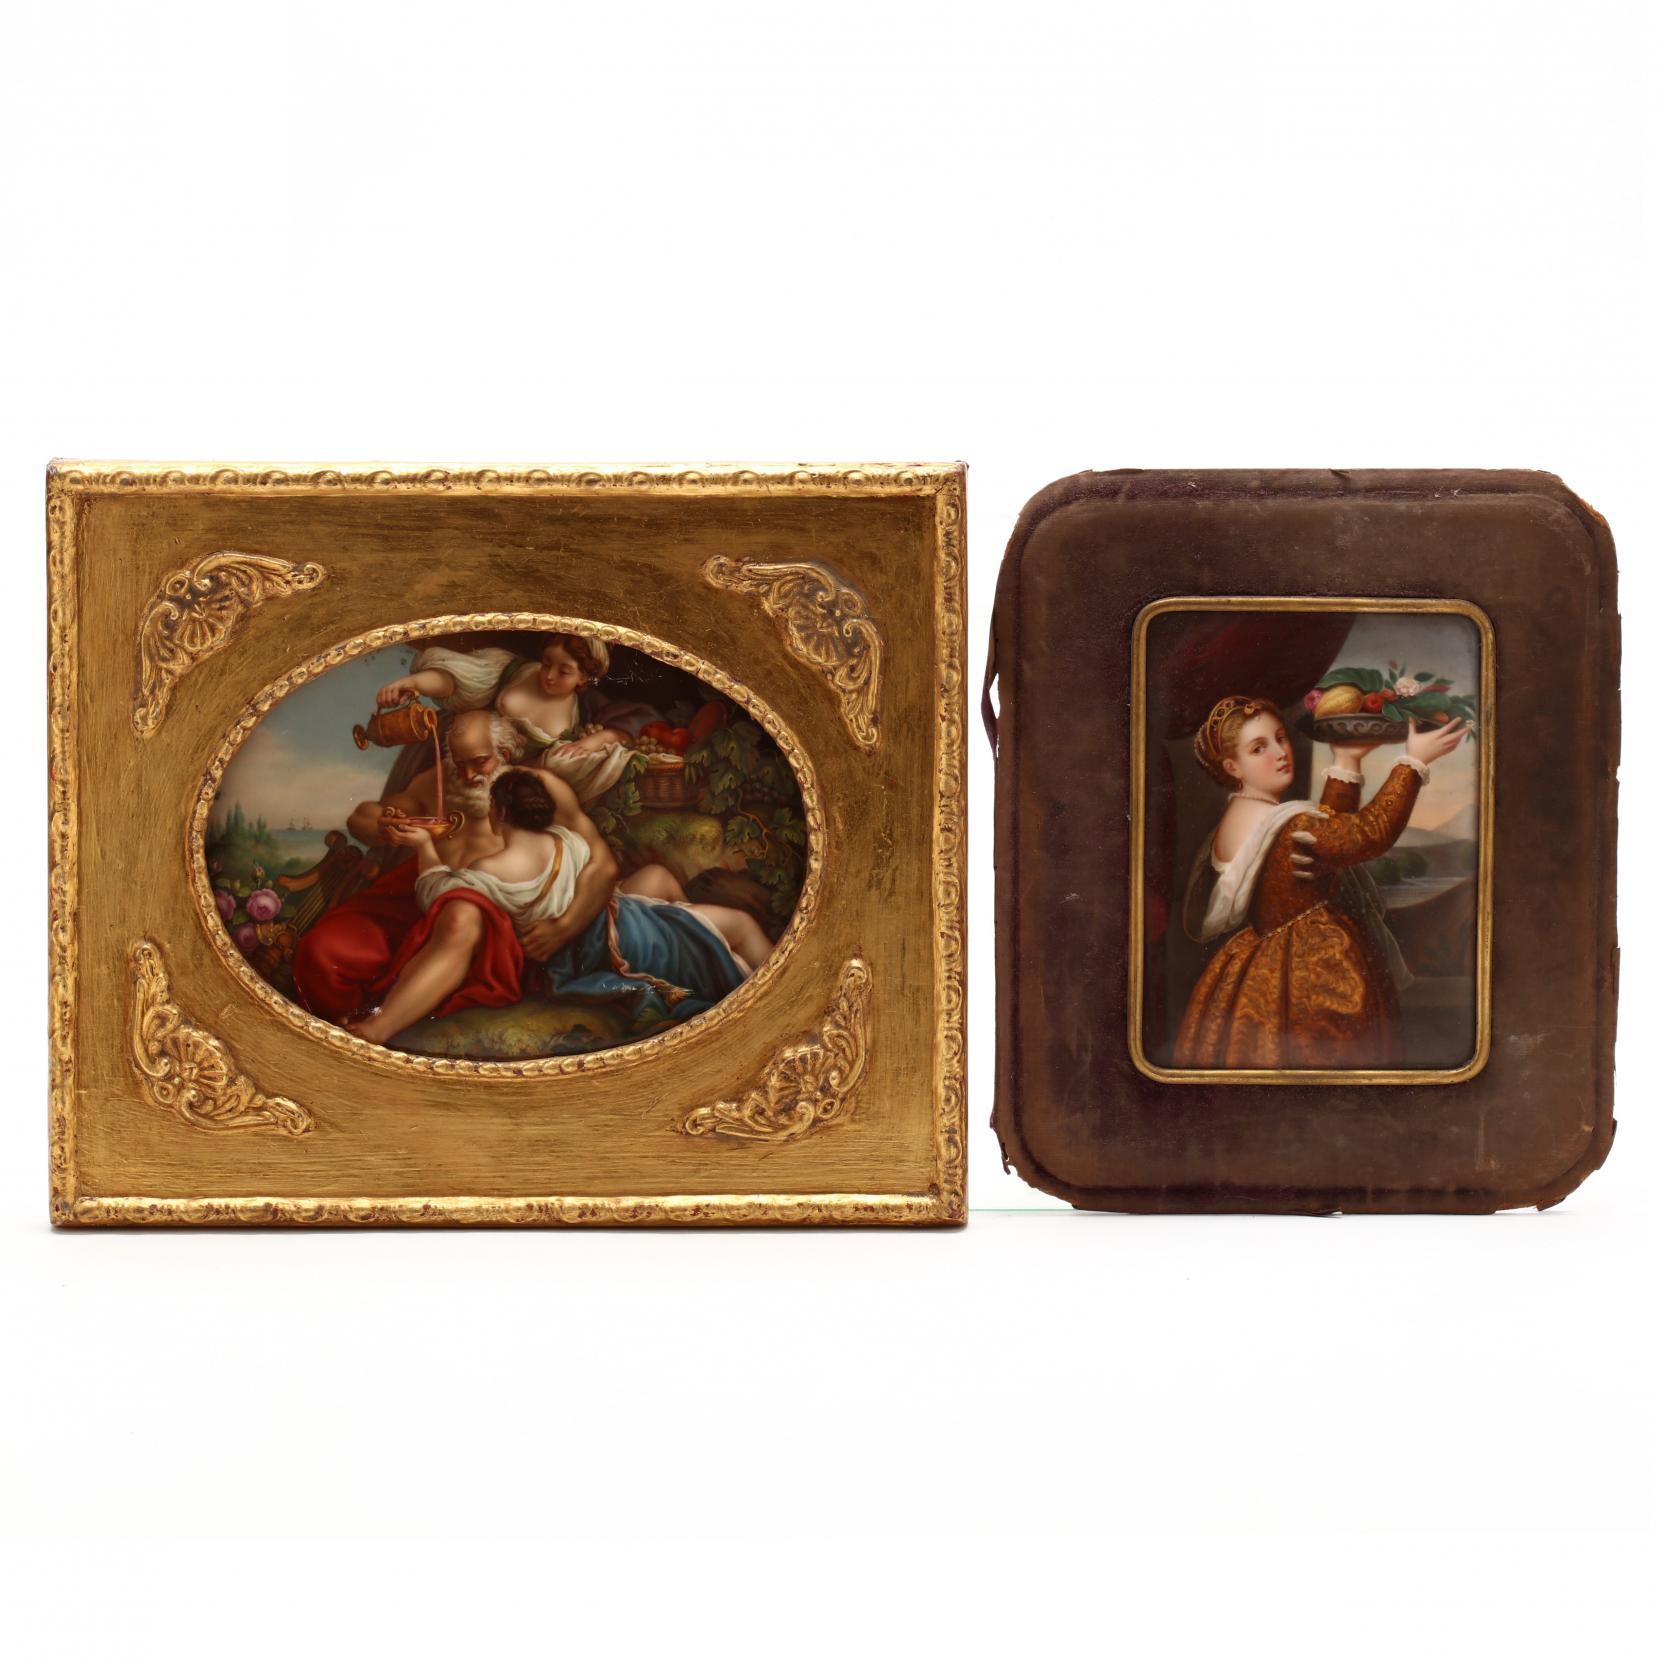 two-antique-continental-porcelain-plaques